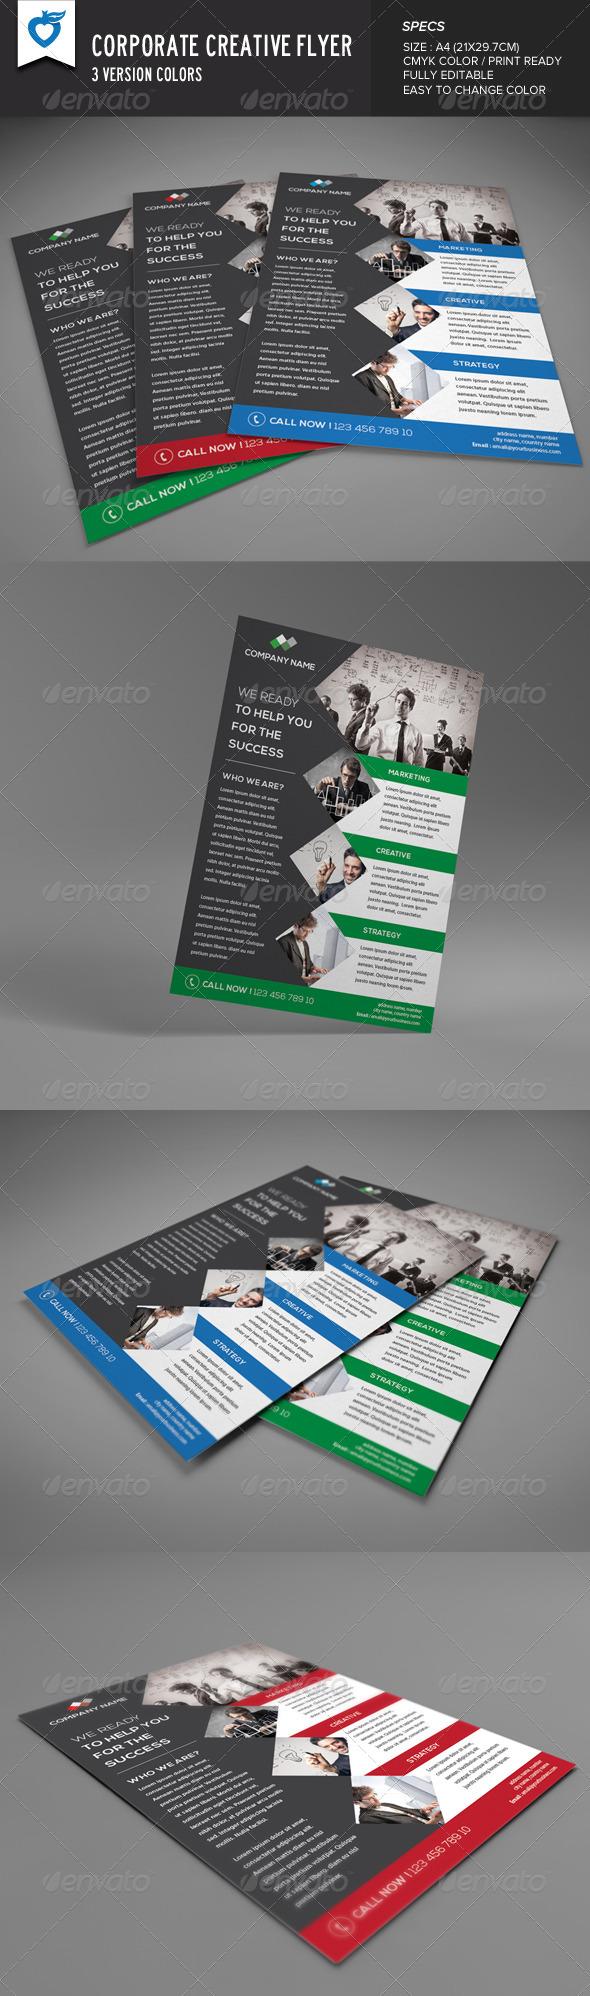 GraphicRiver Corporate Creative Flyer 8320420